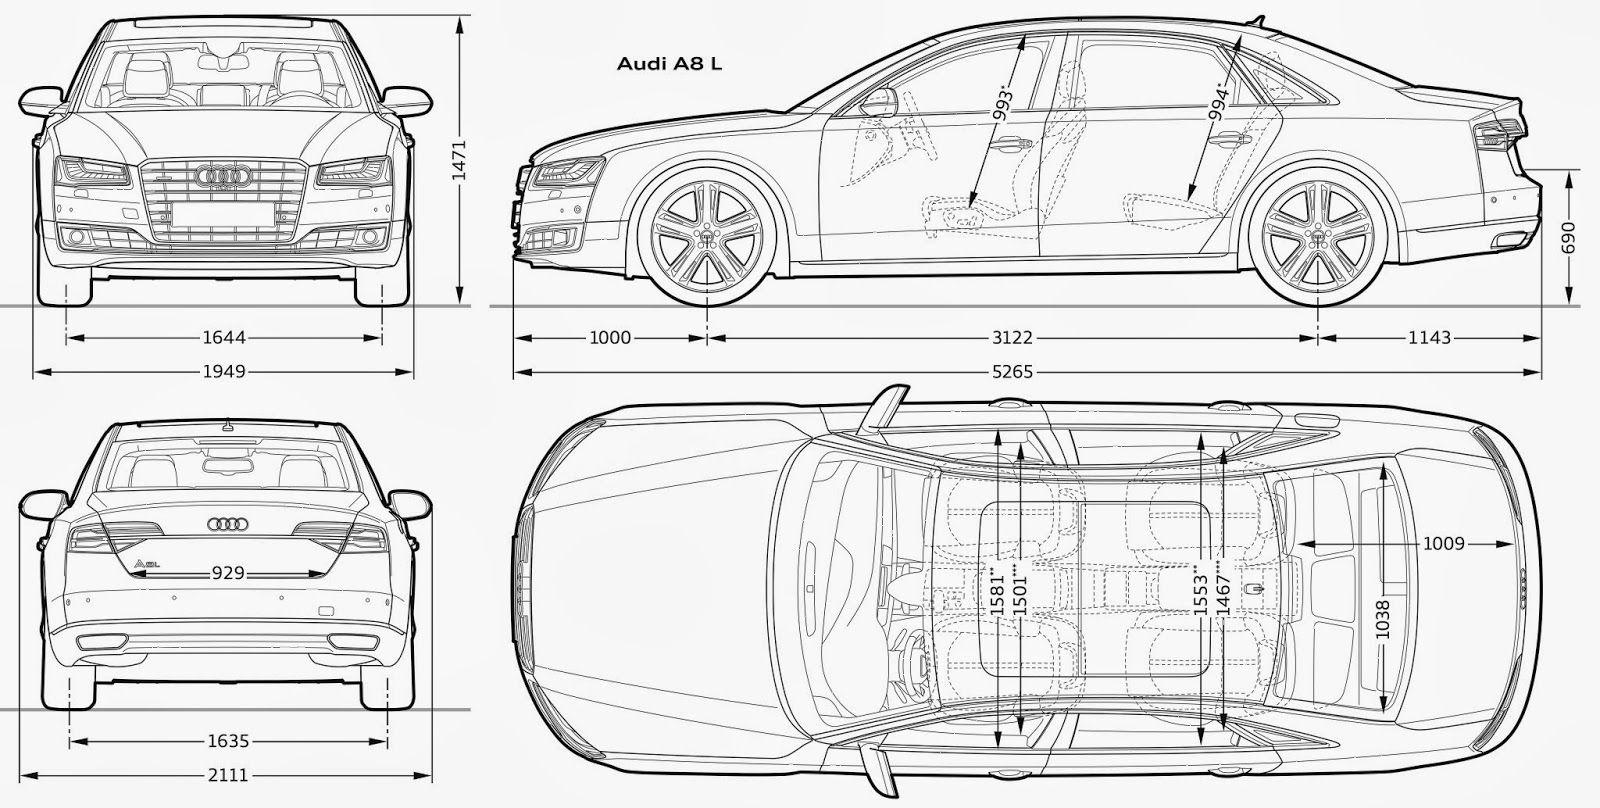 Audi A8 Blueprint With Images Audi A8 Blueprints Audi